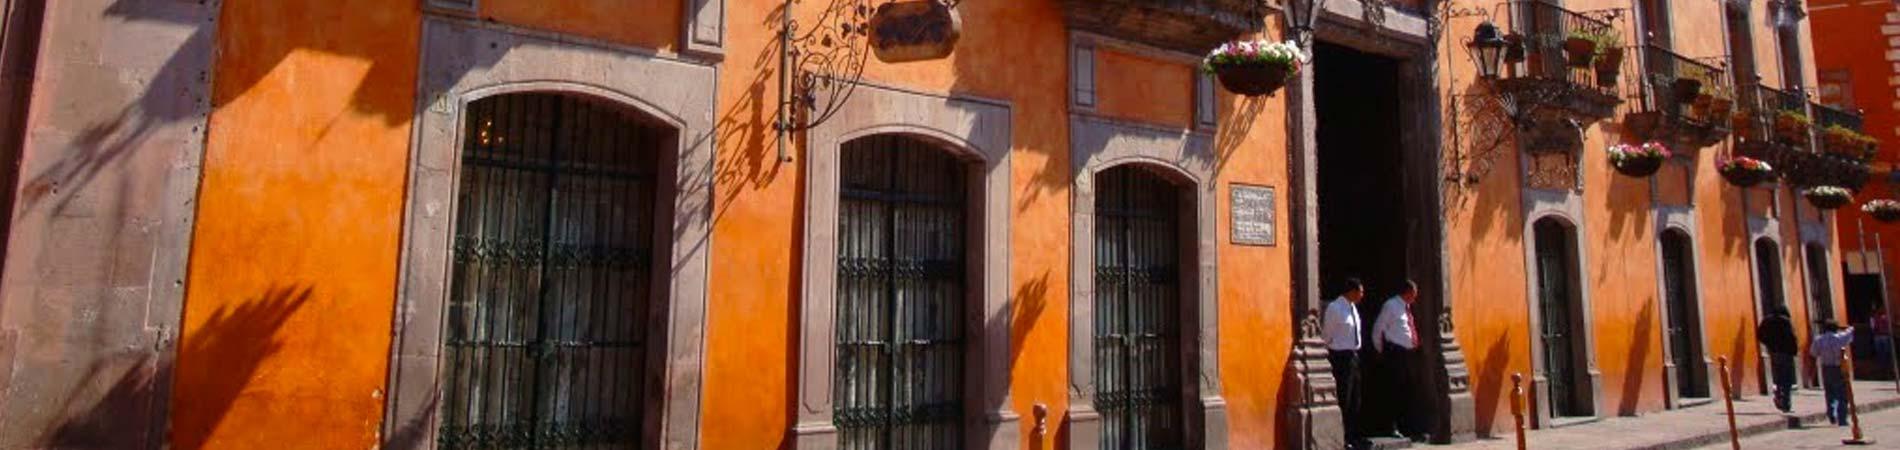 Casa de la marquesa queretaro journey mexico for Hotel luxury queretaro